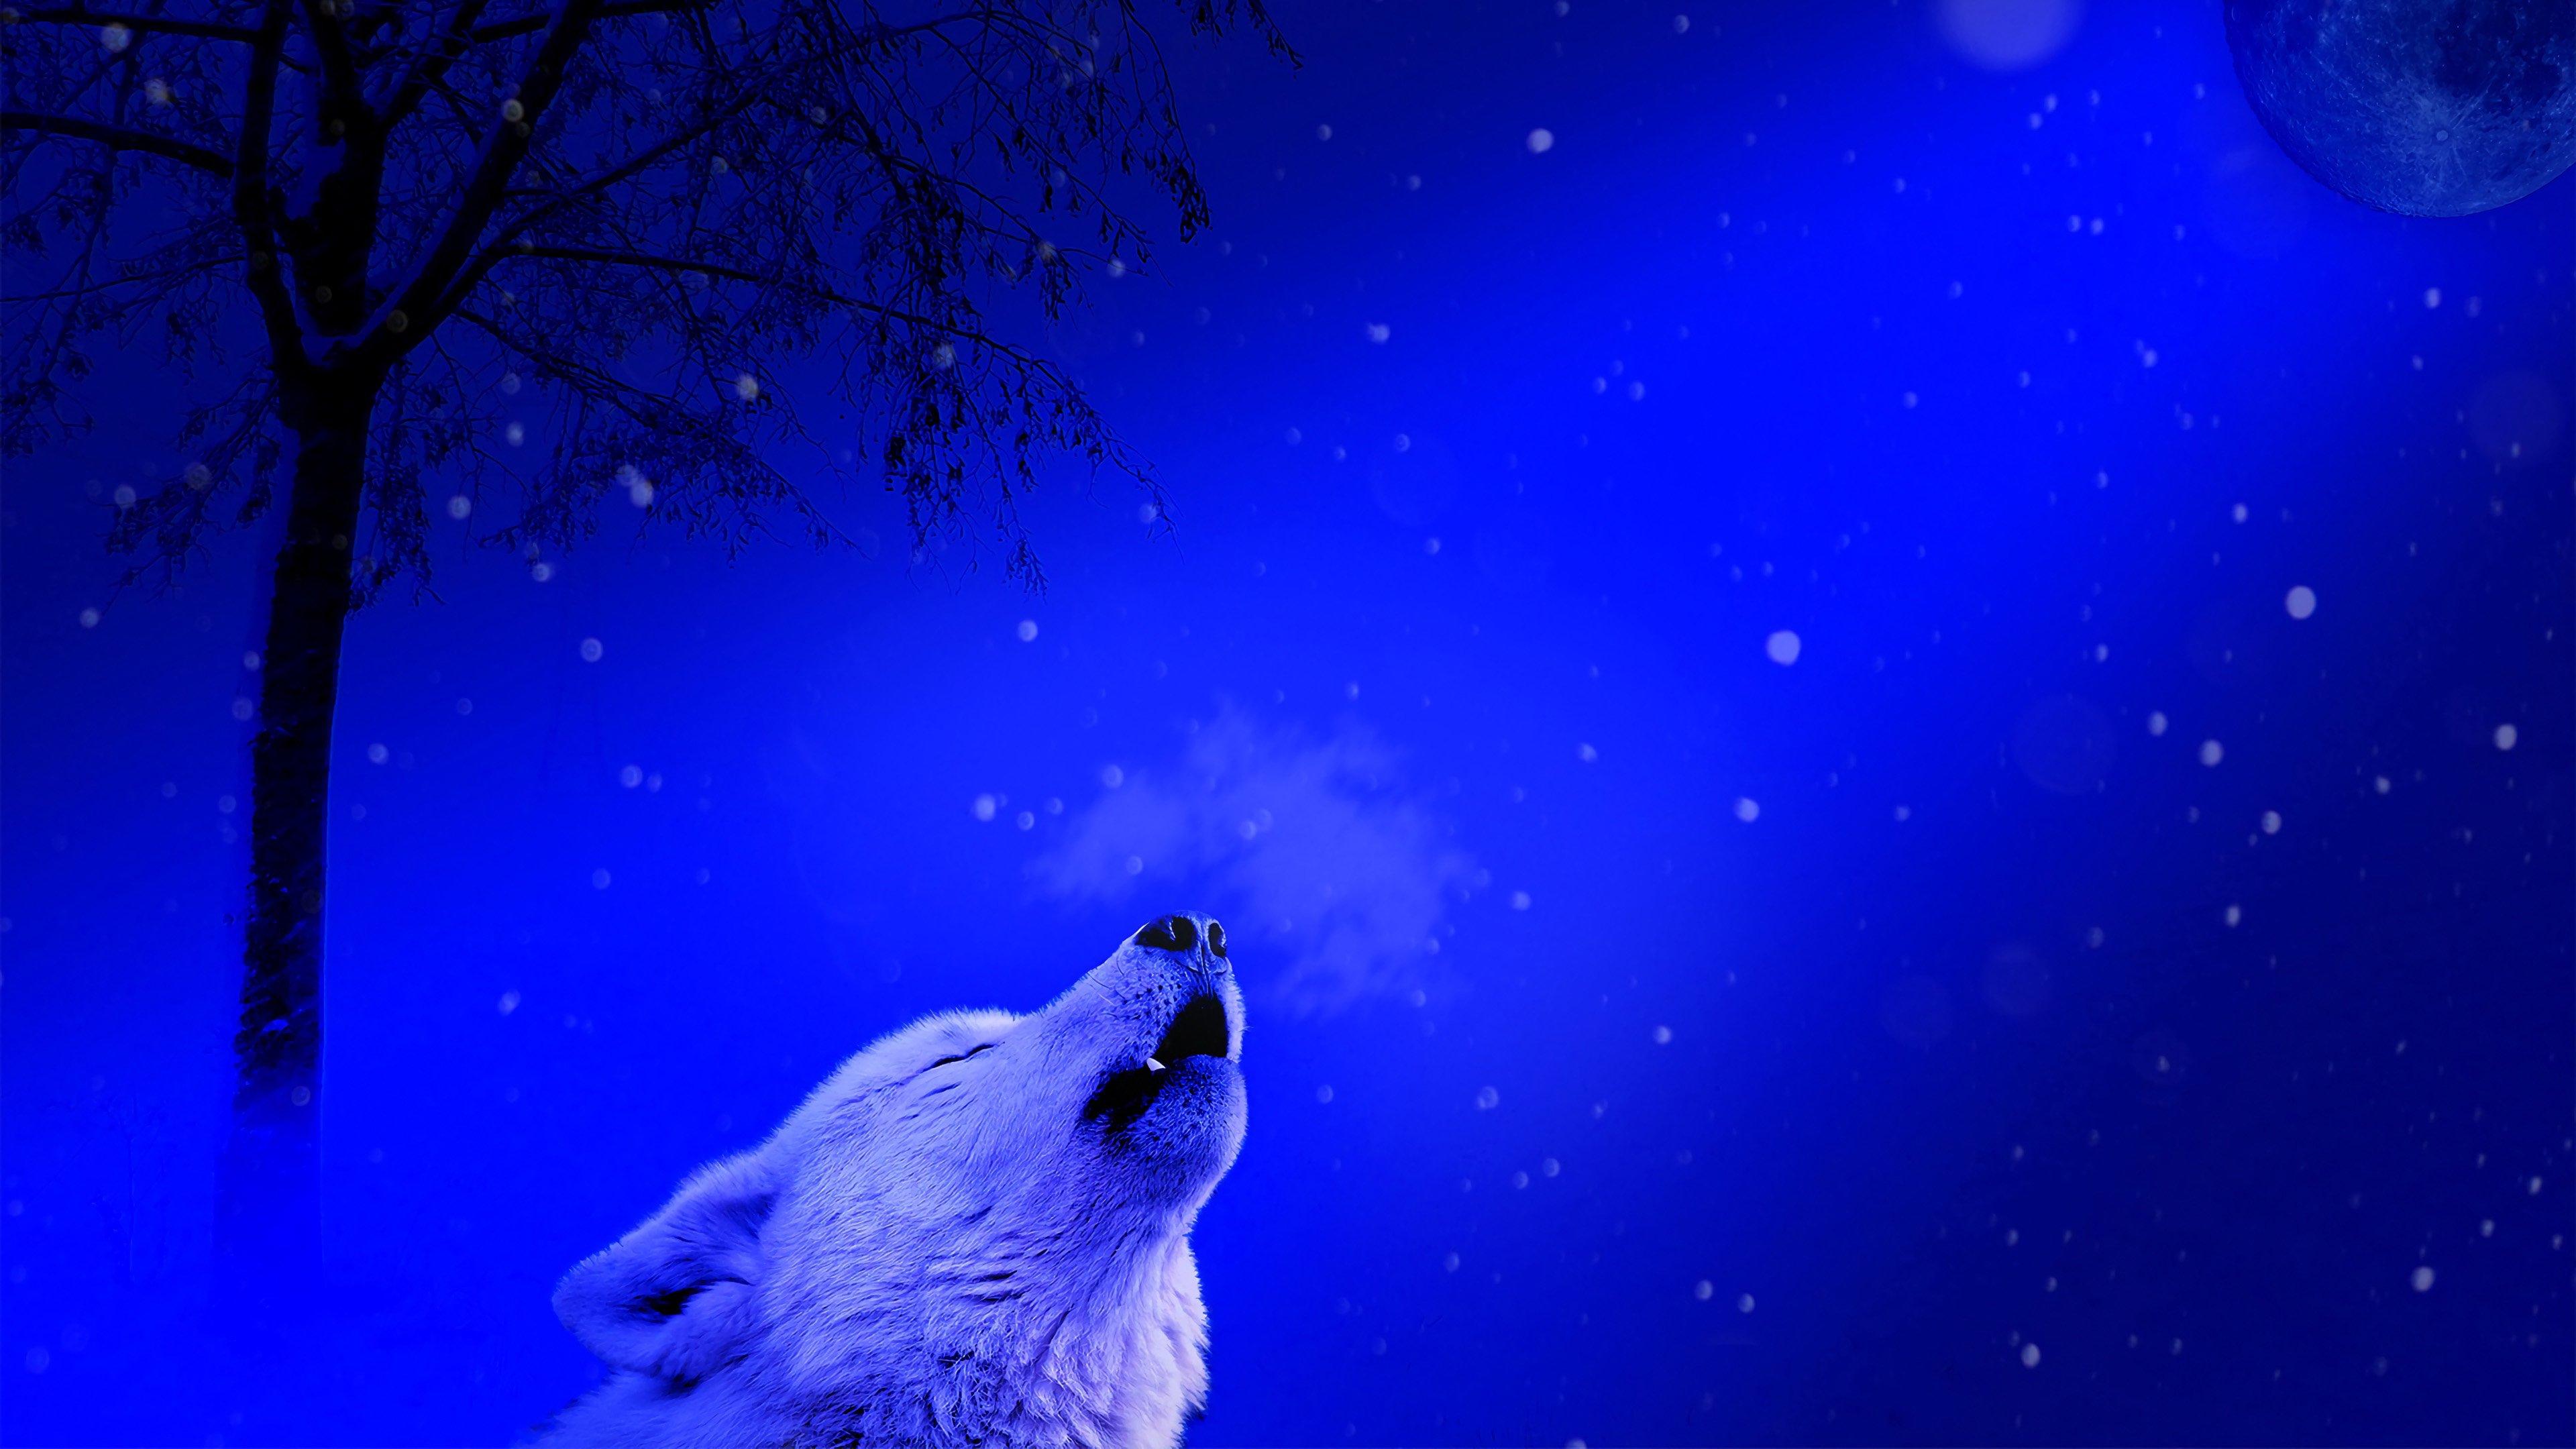 волк, одиночество, вой, луна, 4k обои